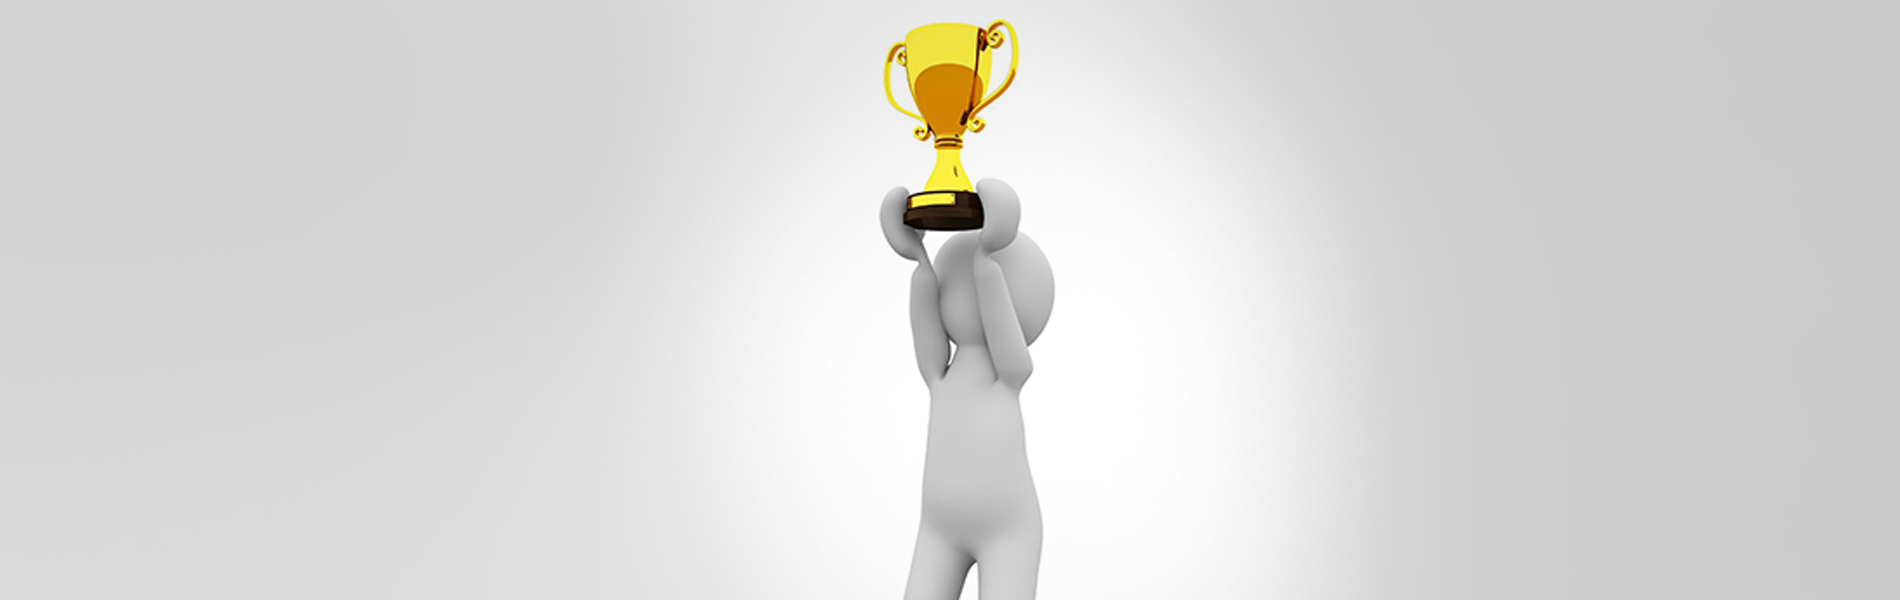 imagem de um boneco em 3D levantando um troféu